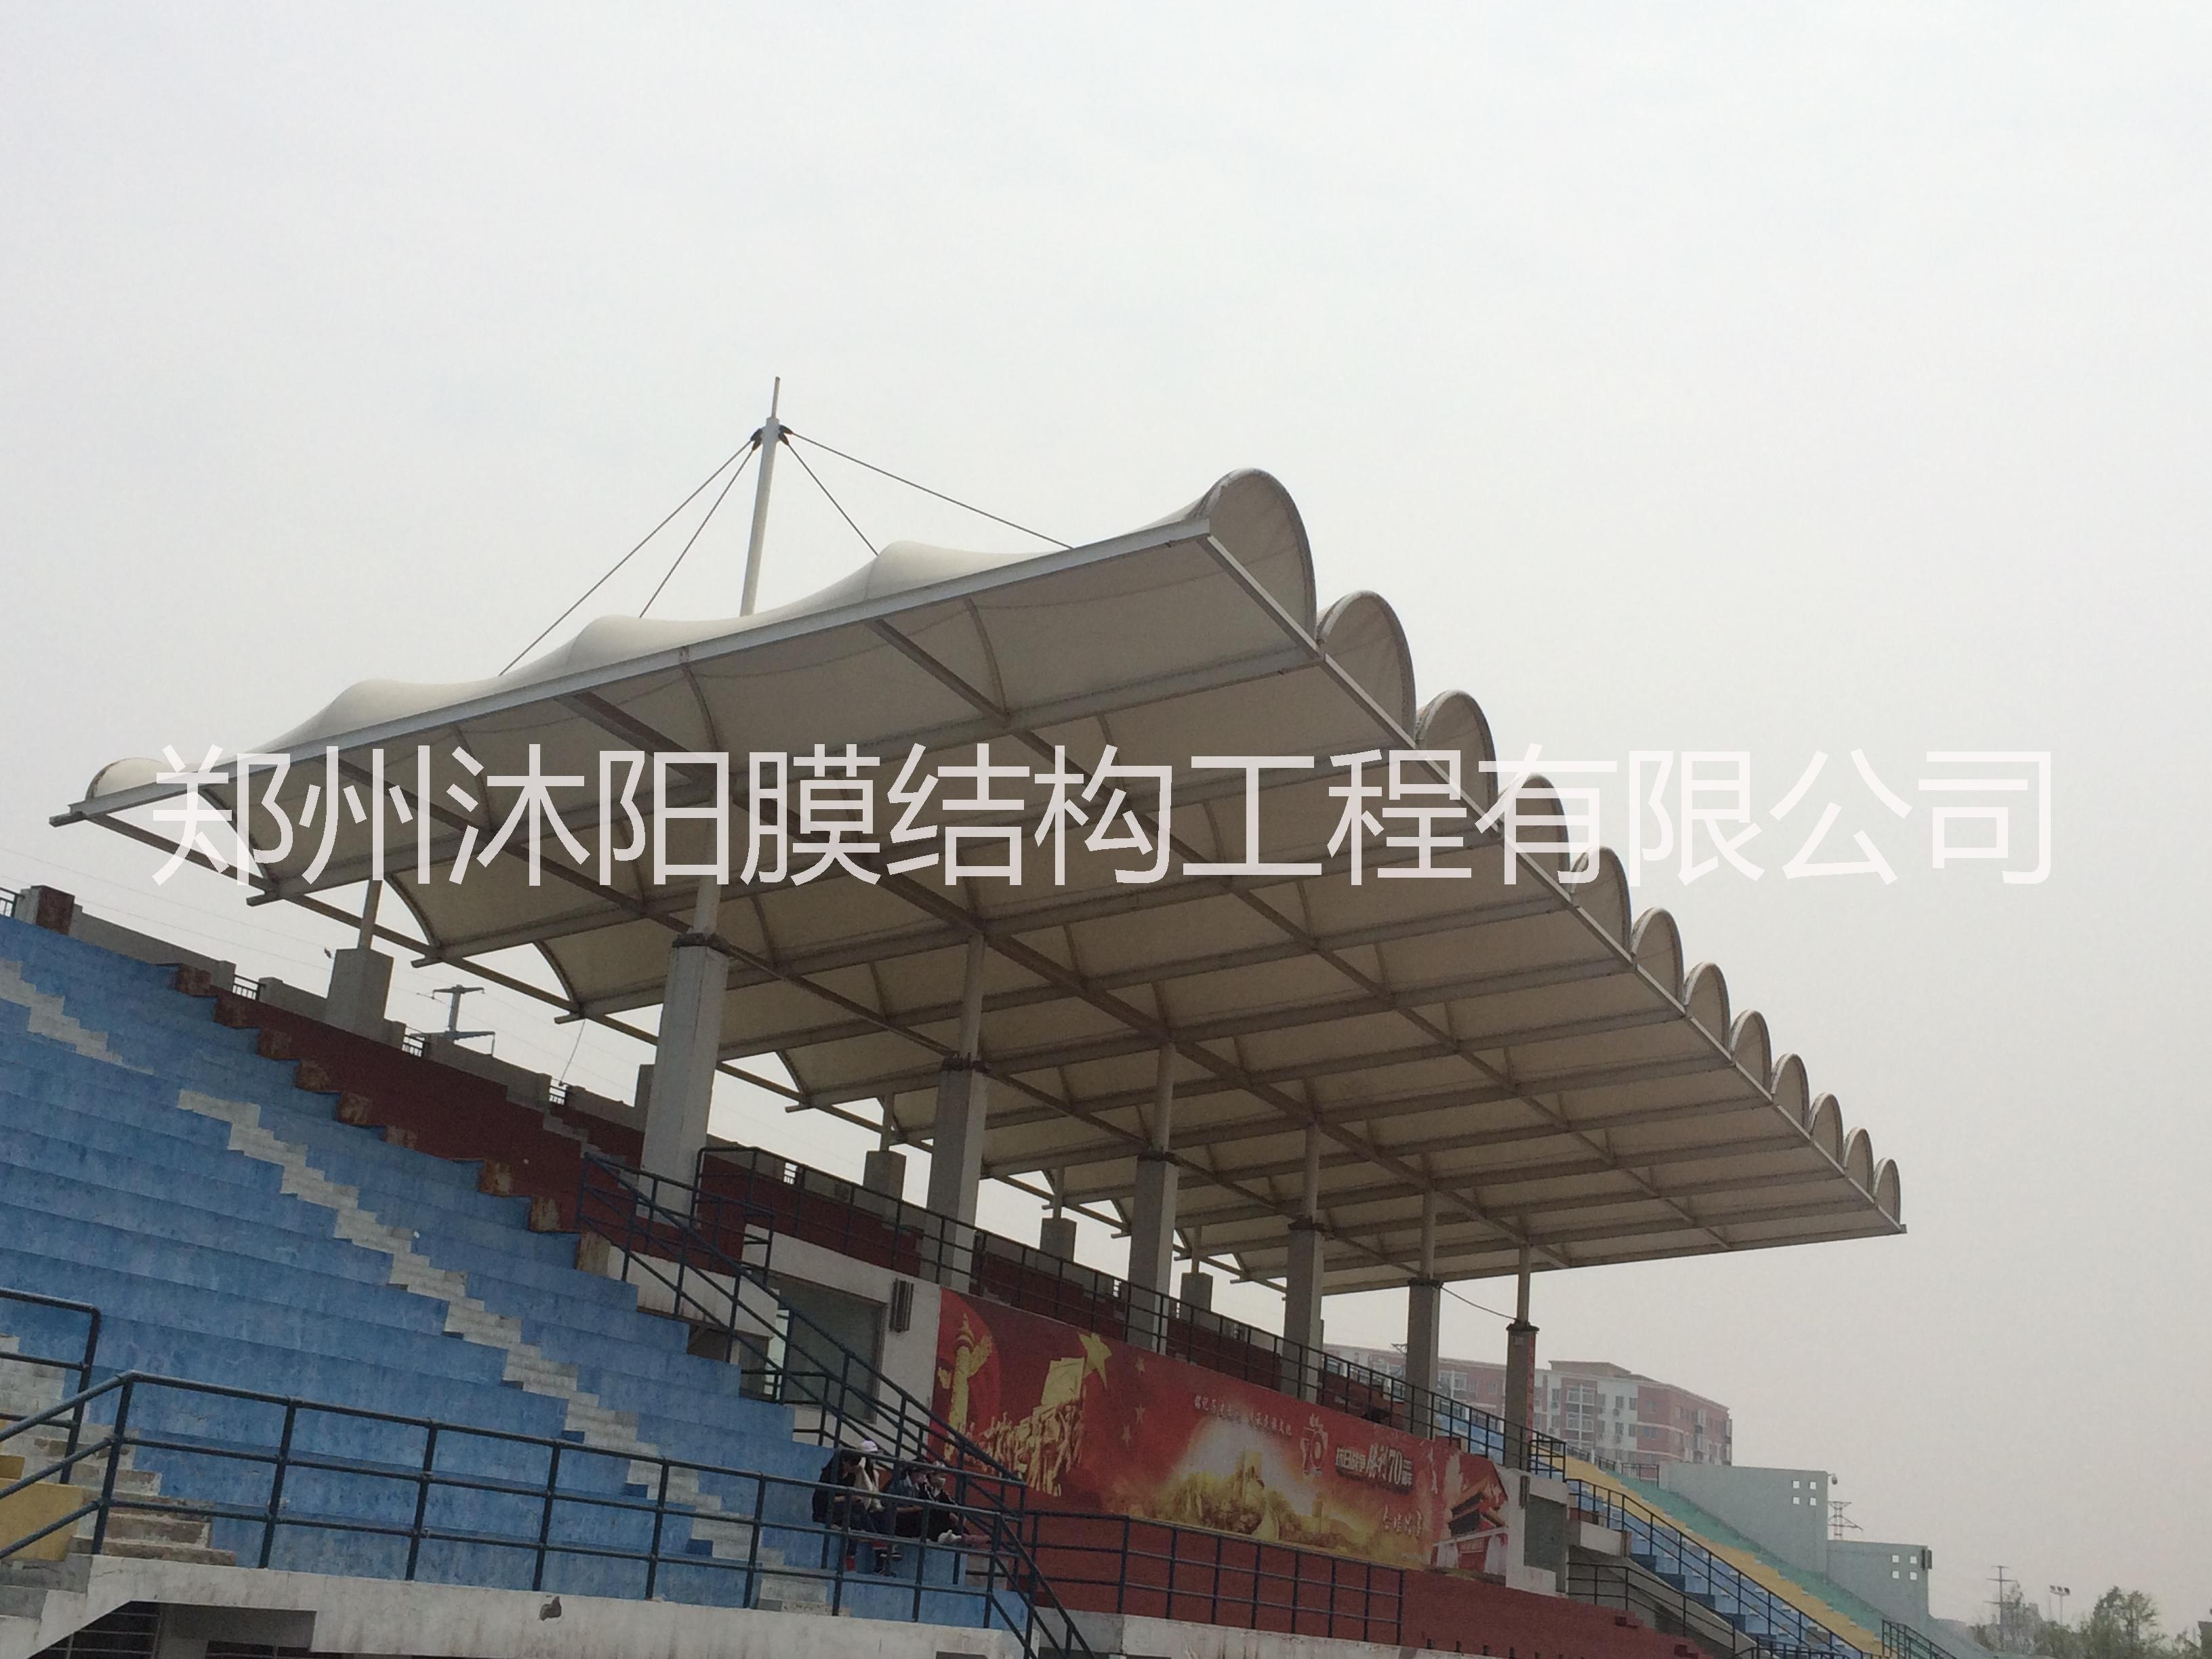 学校体育场膜结构看台遮雨棚,膜结构看台遮阳棚